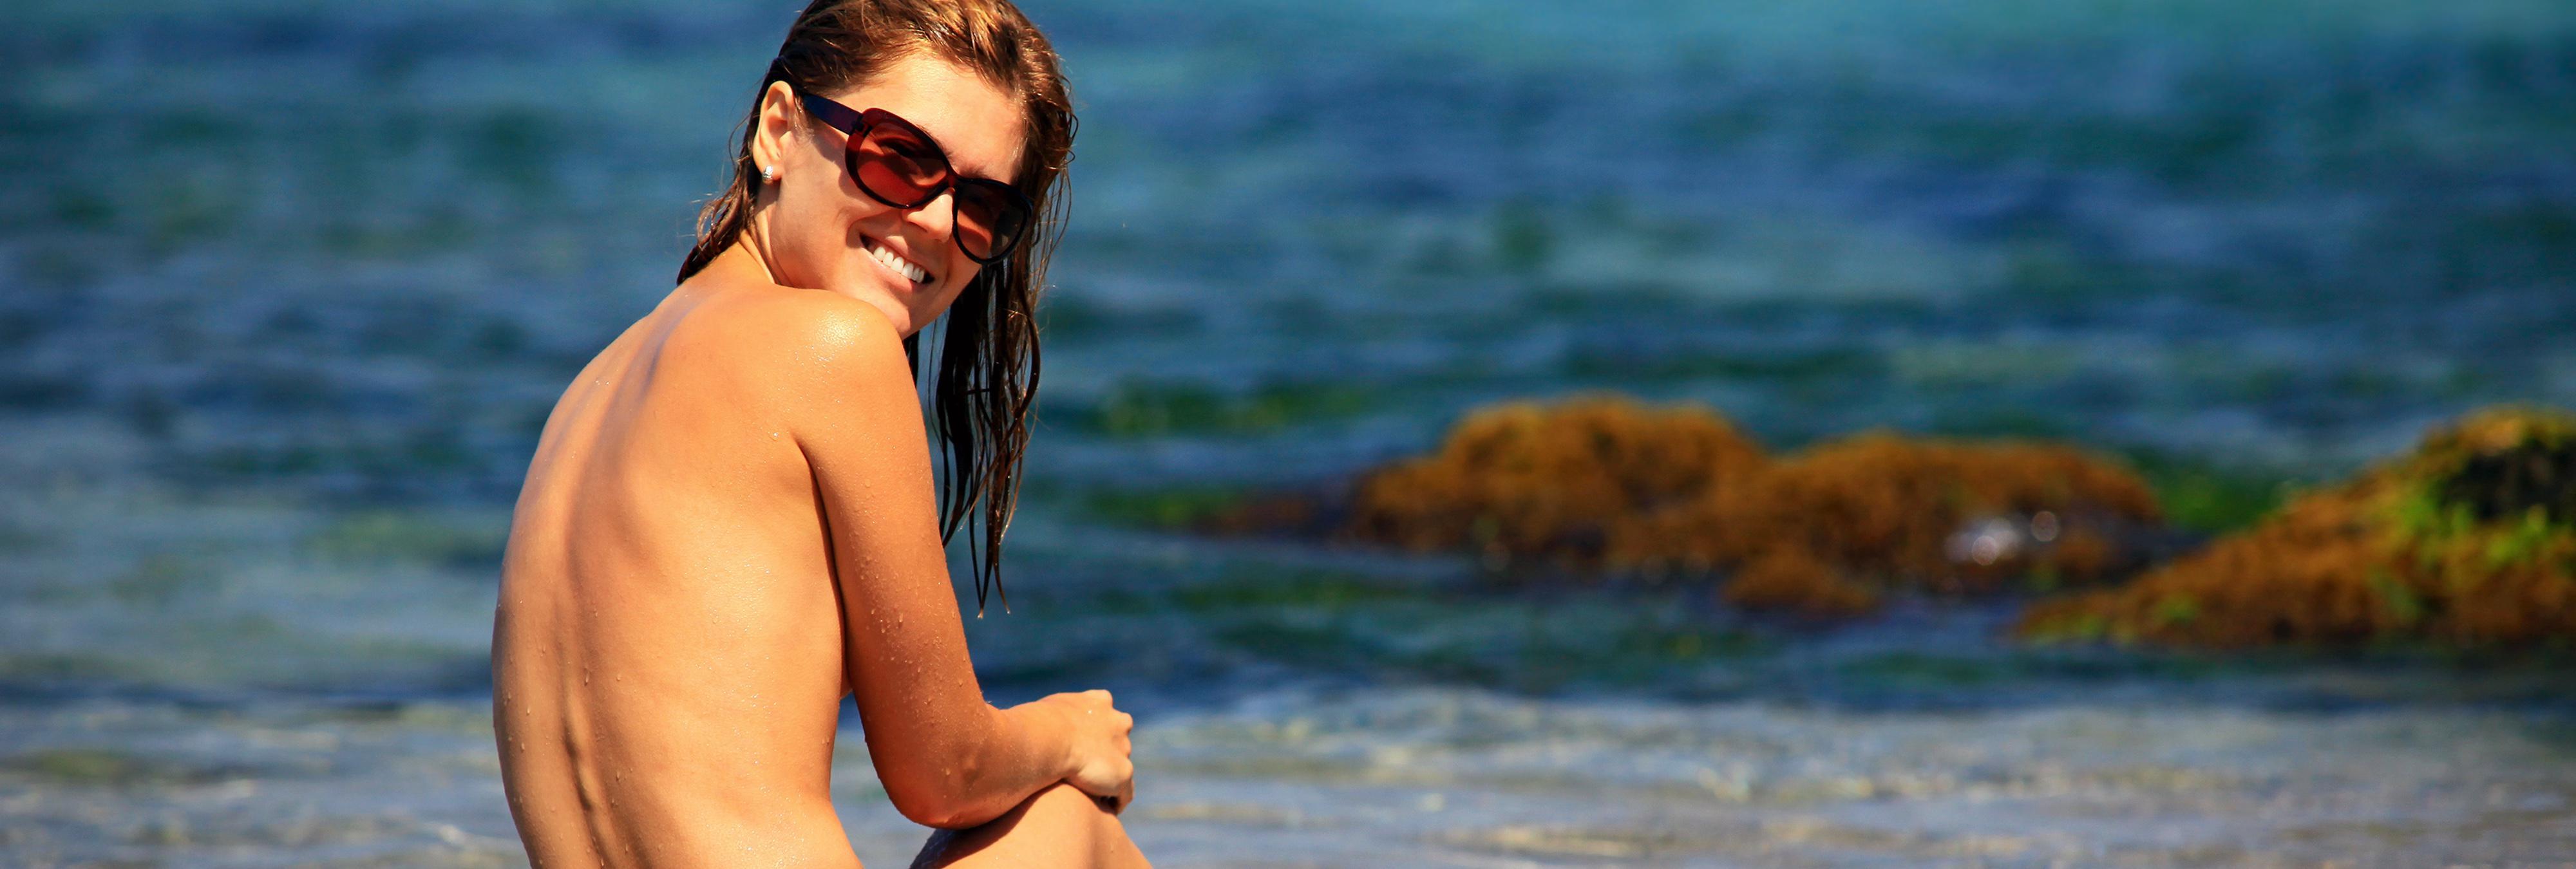 Estos son los países donde hacer topless es ilegal